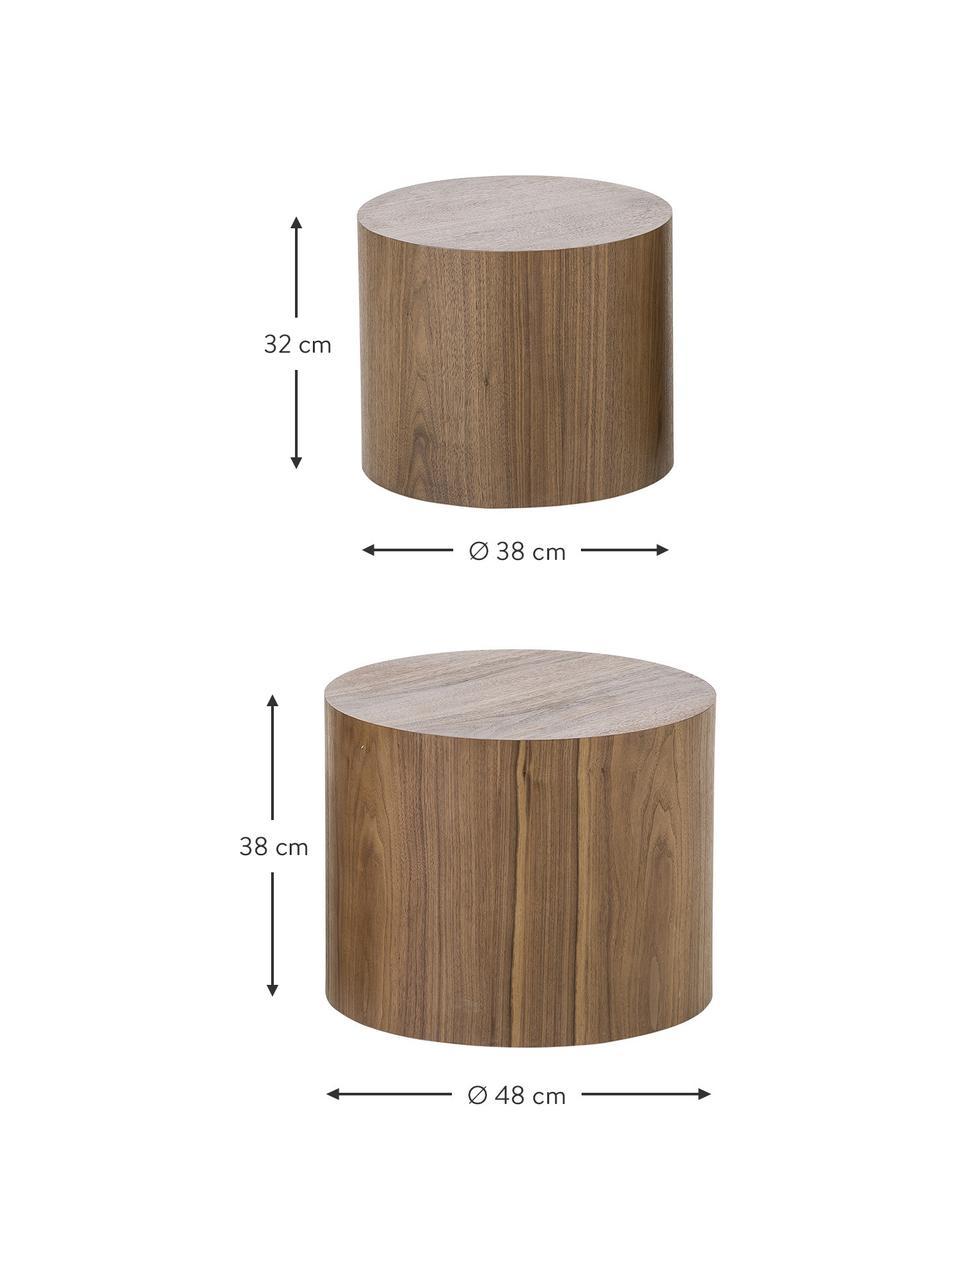 Bijzettafelset Dan van hout, 2-delig, MDF met walnoothoutfineer, Donkerbruin, Set met verschillende formaten